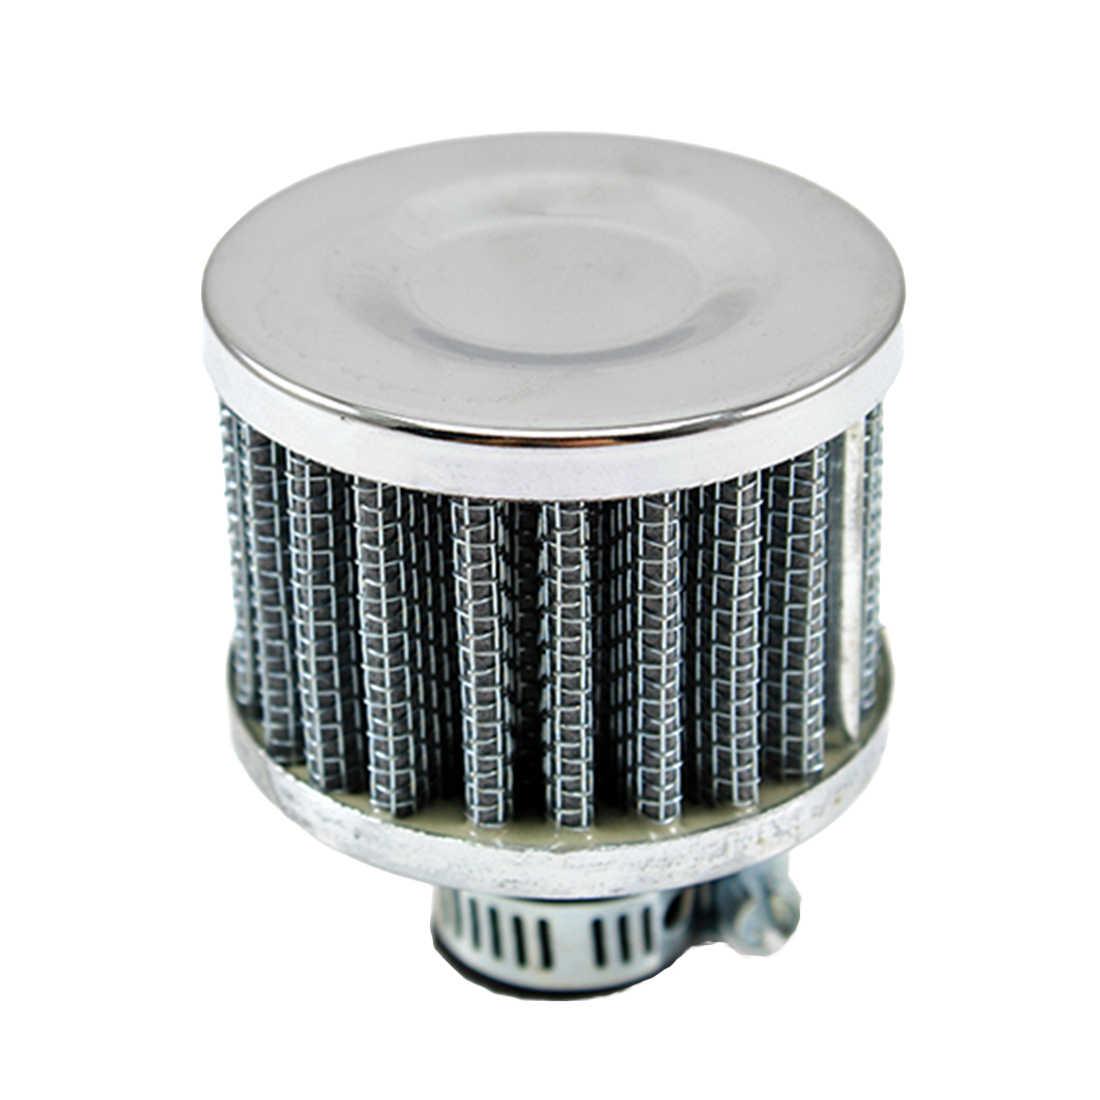 Автомобиль-партамента Автомобильная круглый конические воздушные фильтры 12 мм Clip-On Авто холодного воздуха мини-фильтры Воздухозаборники Запчасти Воздухозаборники часть